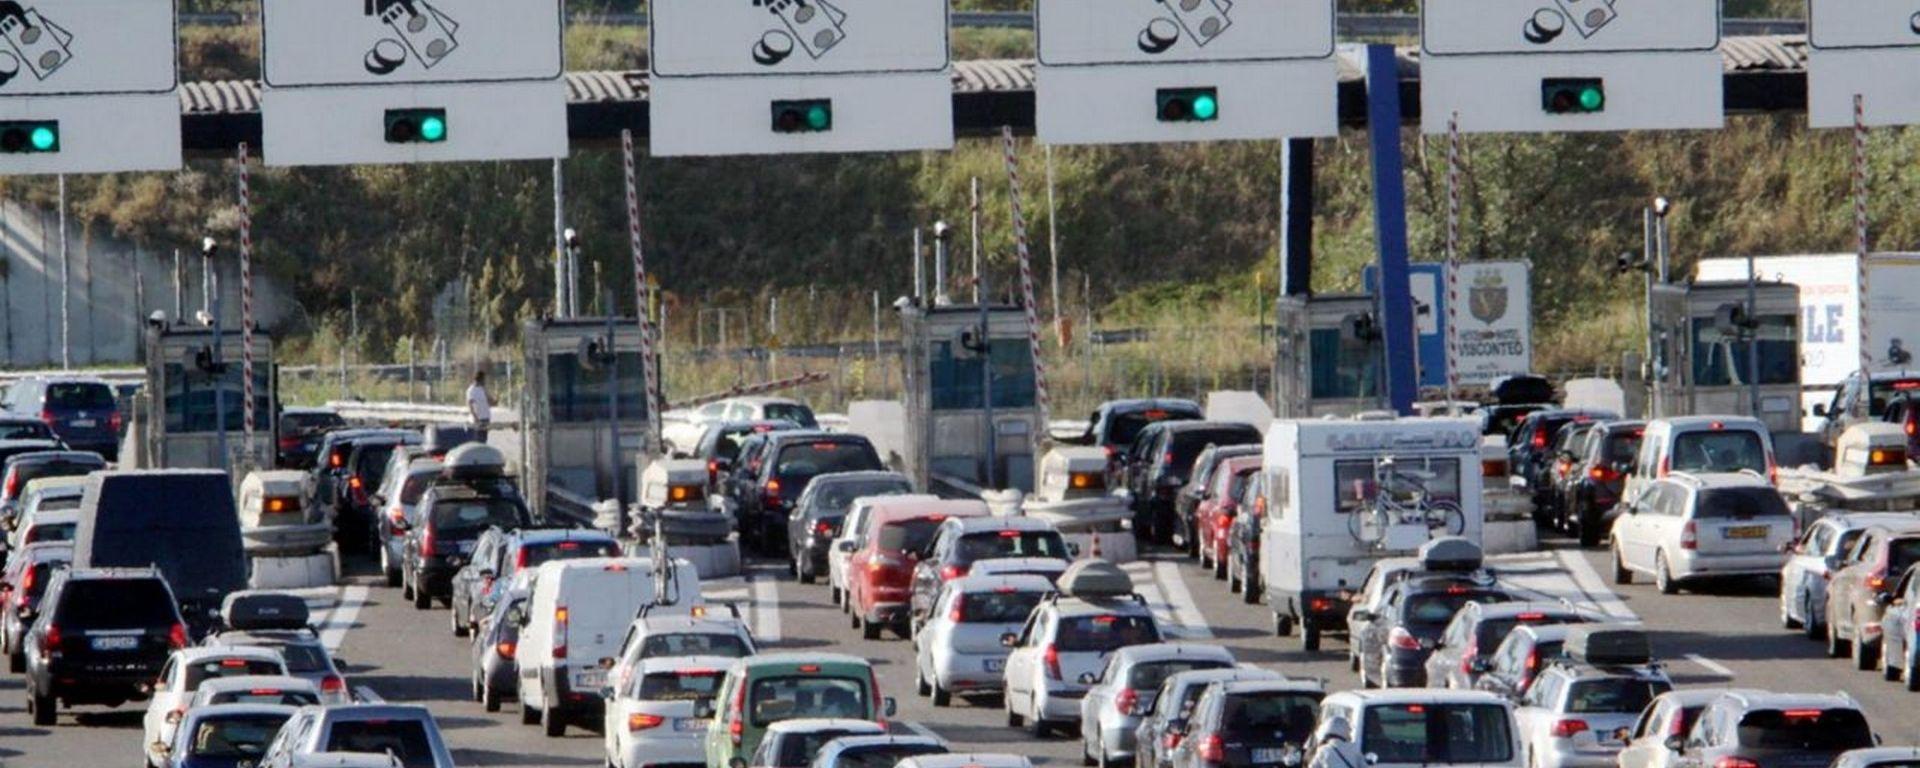 Traffico in autostrada. Evitarlo si può